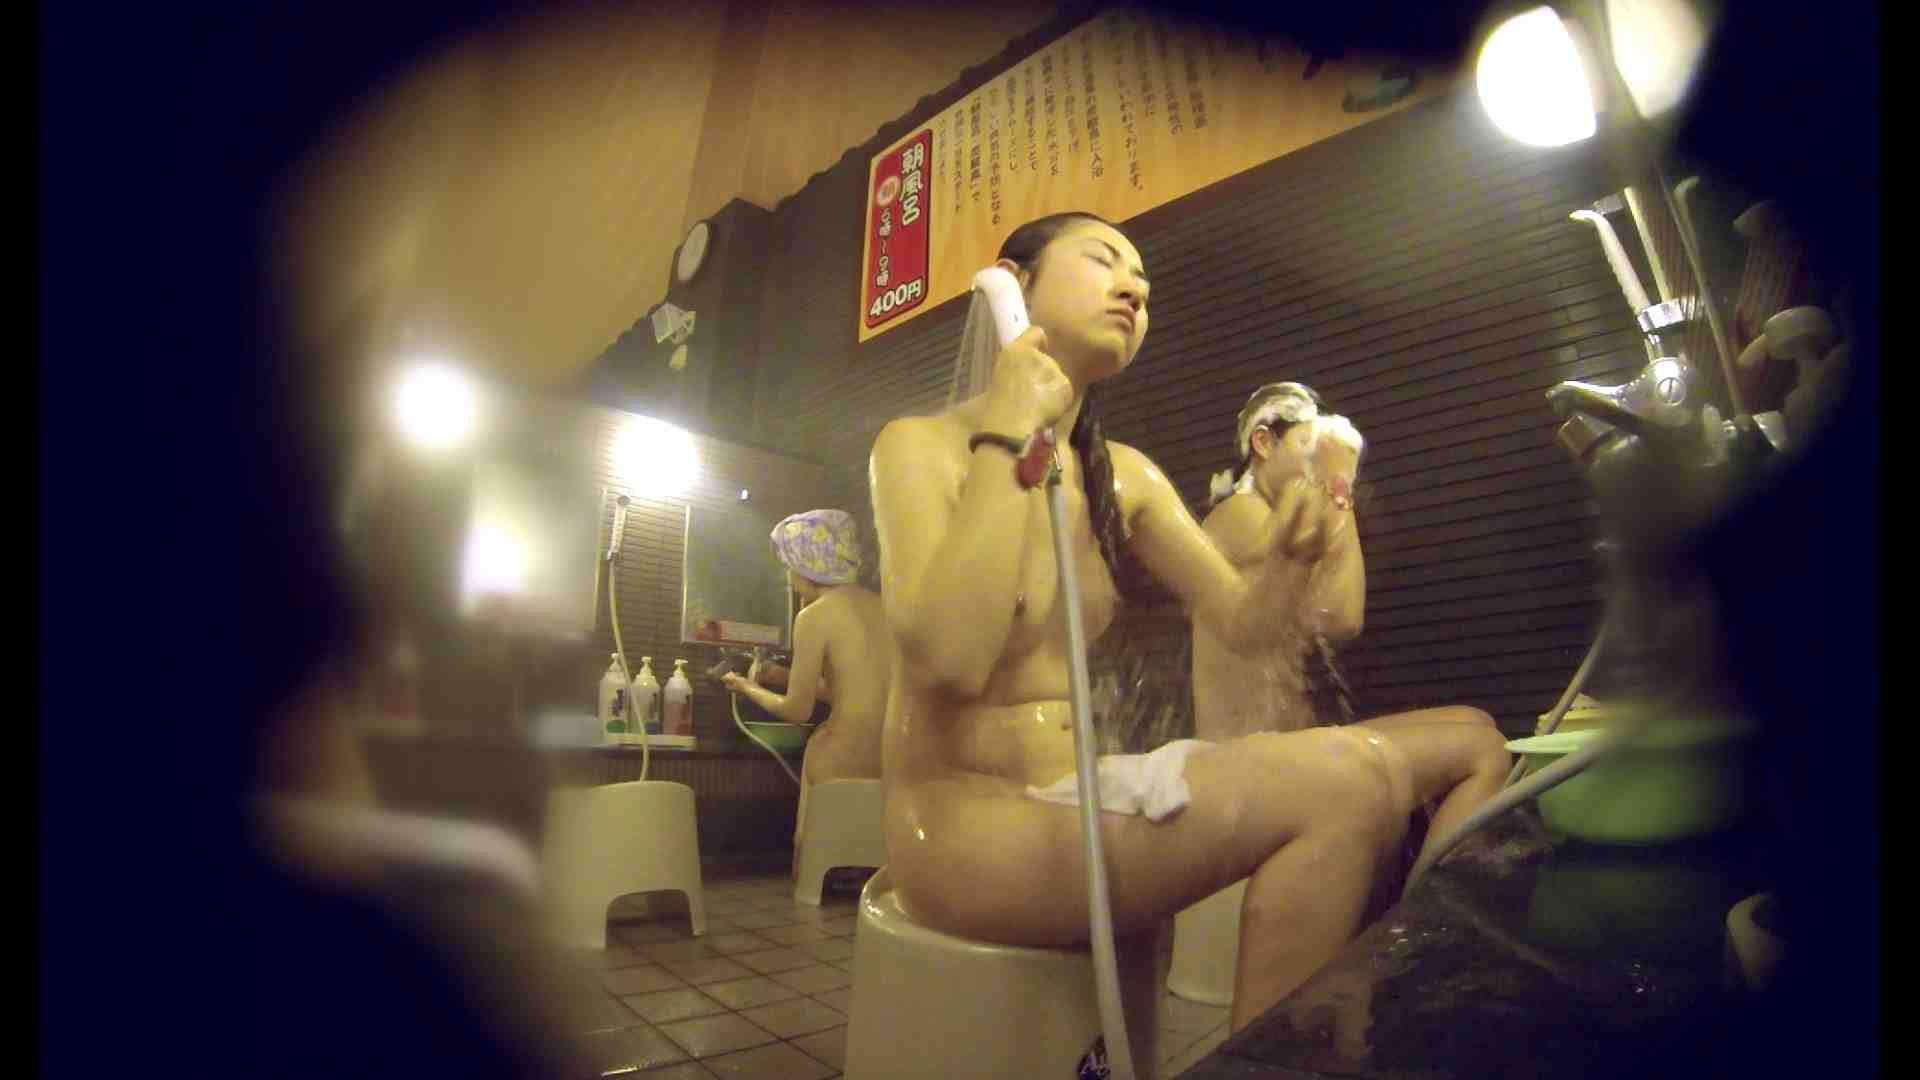 洗い場!しかし・・・綺麗な顔をしてますね。結婚したいな。 銭湯のぞき オメコ無修正動画無料 31画像 23